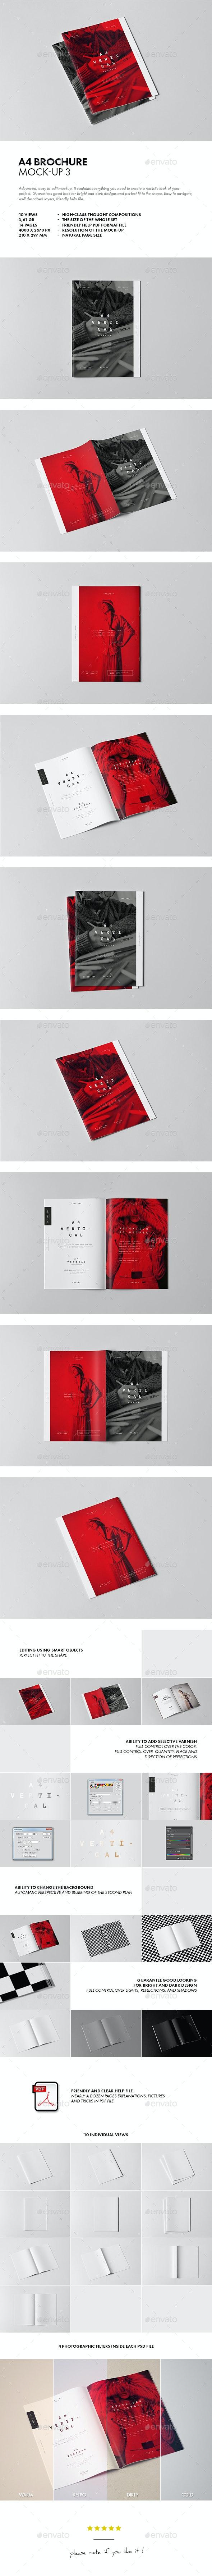 A4 Brochure Mock-up 3 - Brochures Print